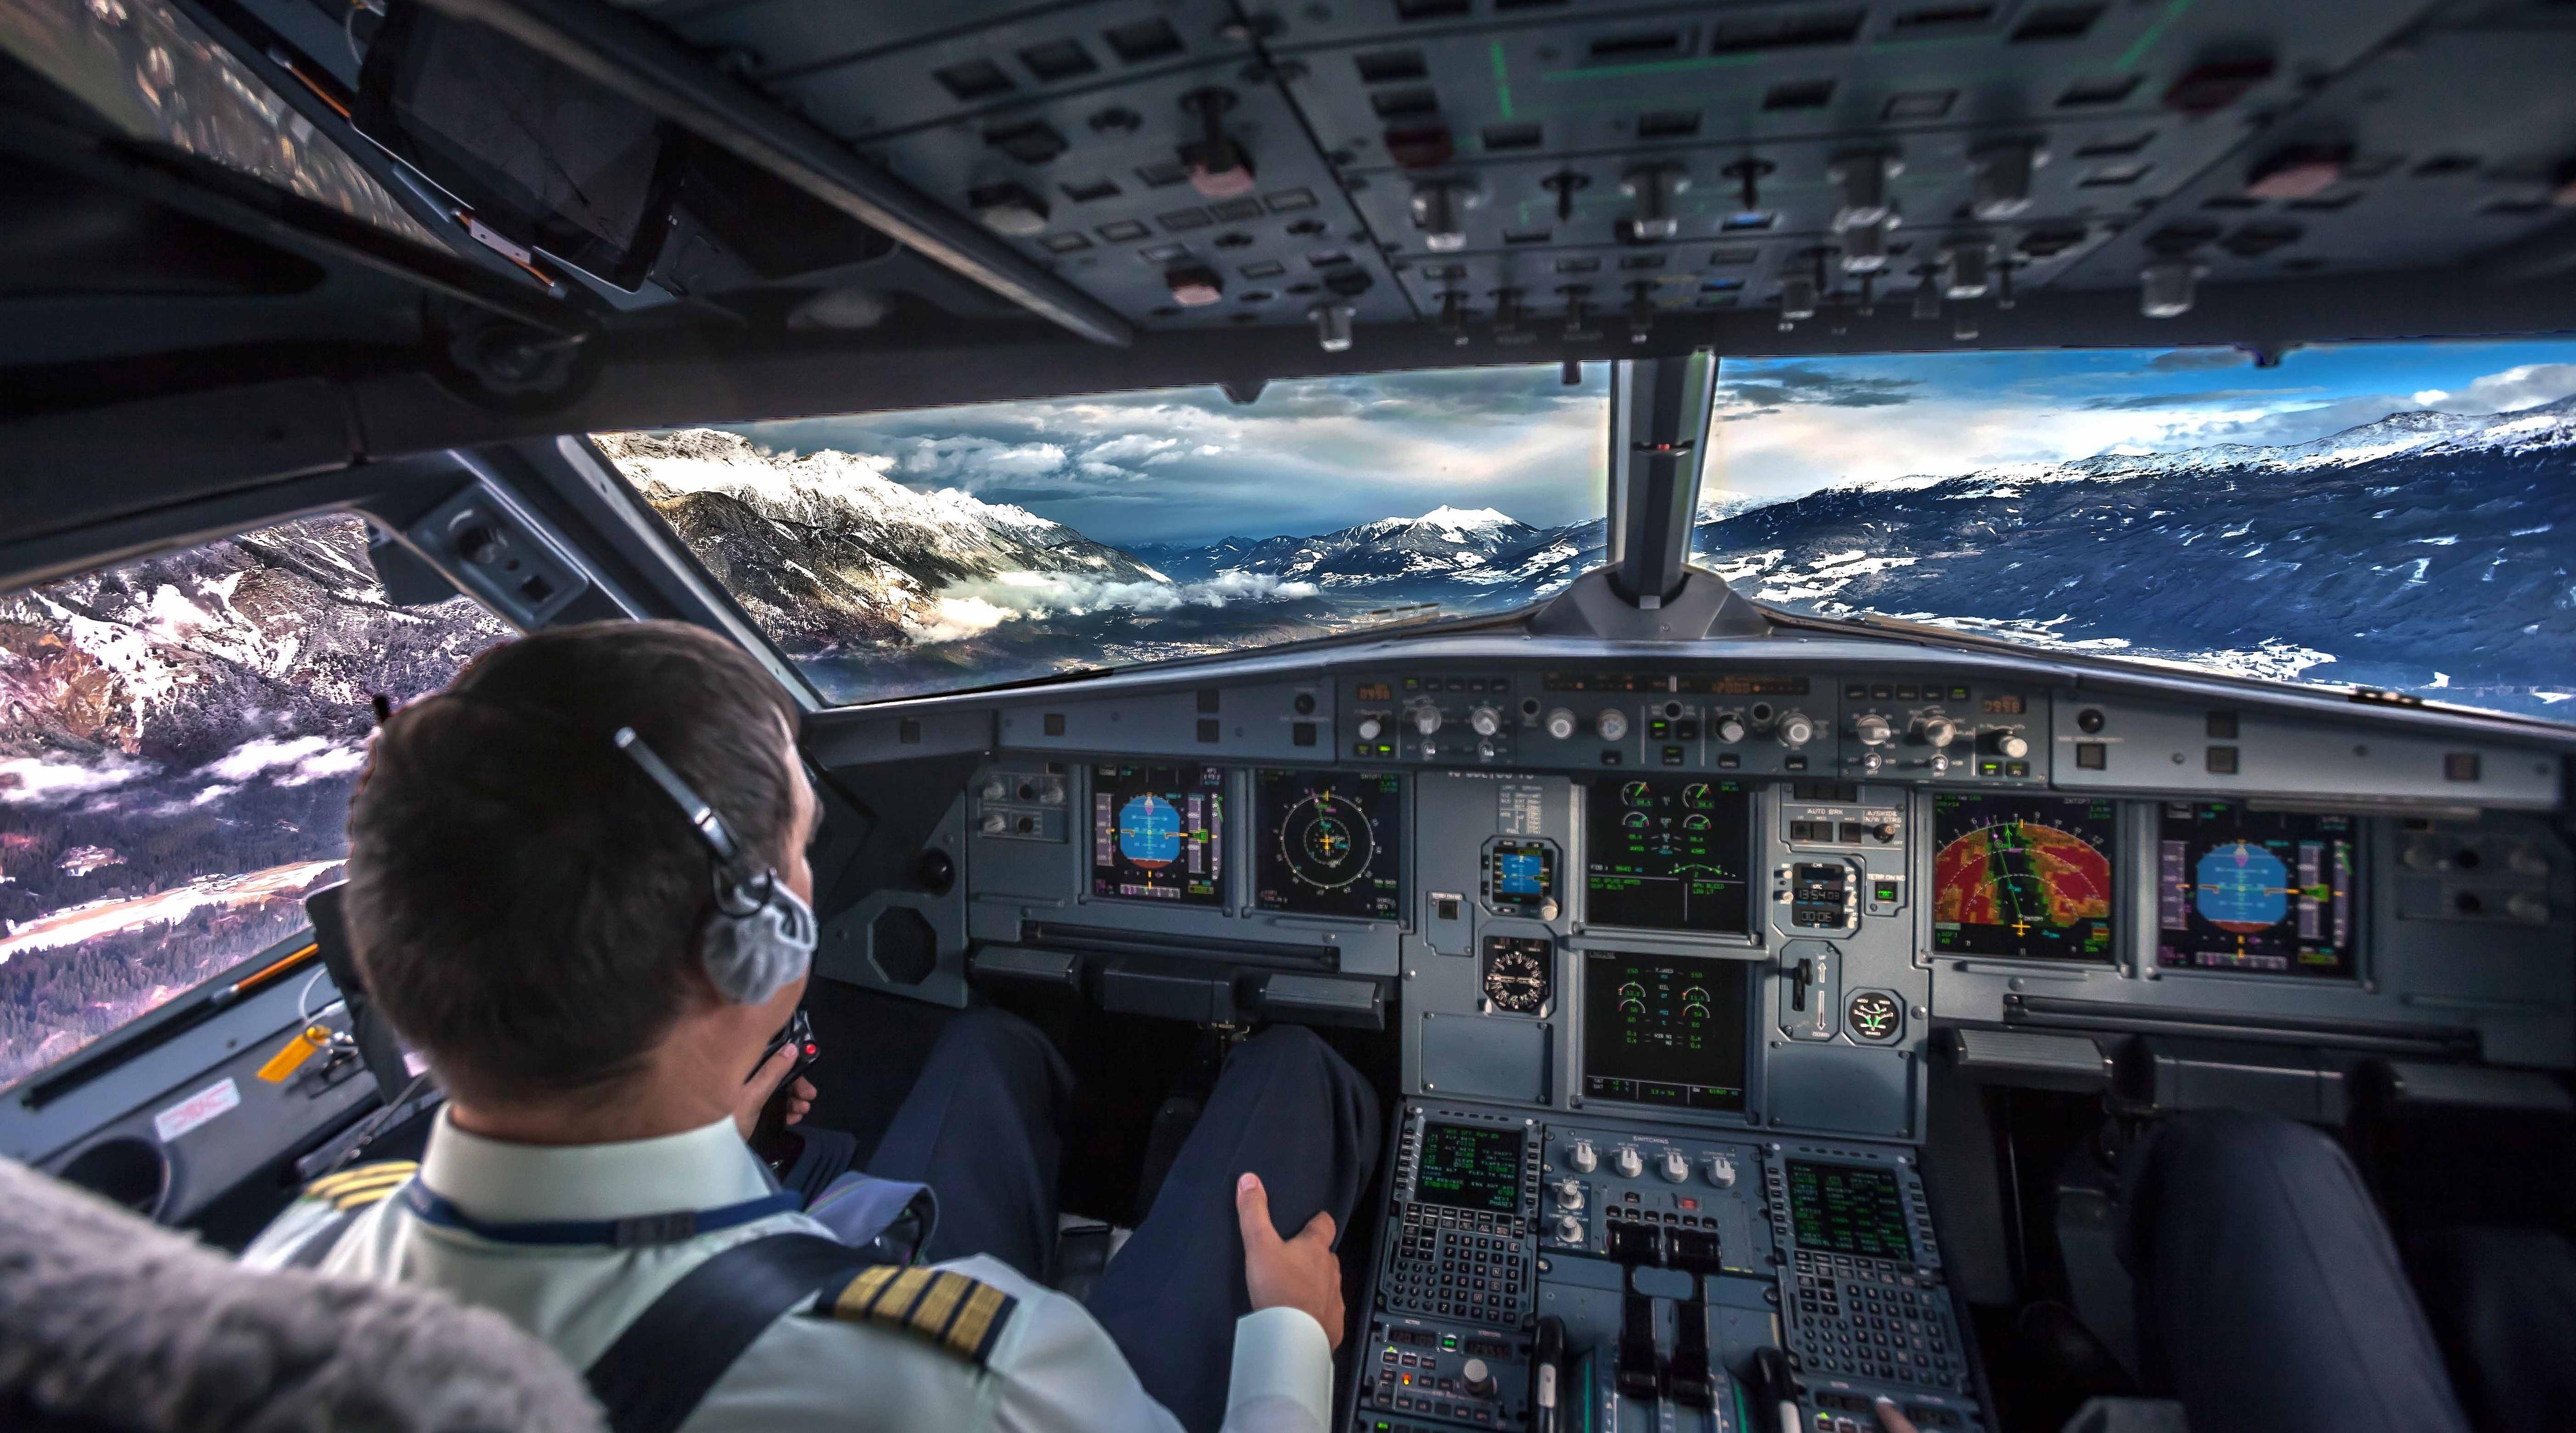 фото в кабине пилота интерьере, оформленном